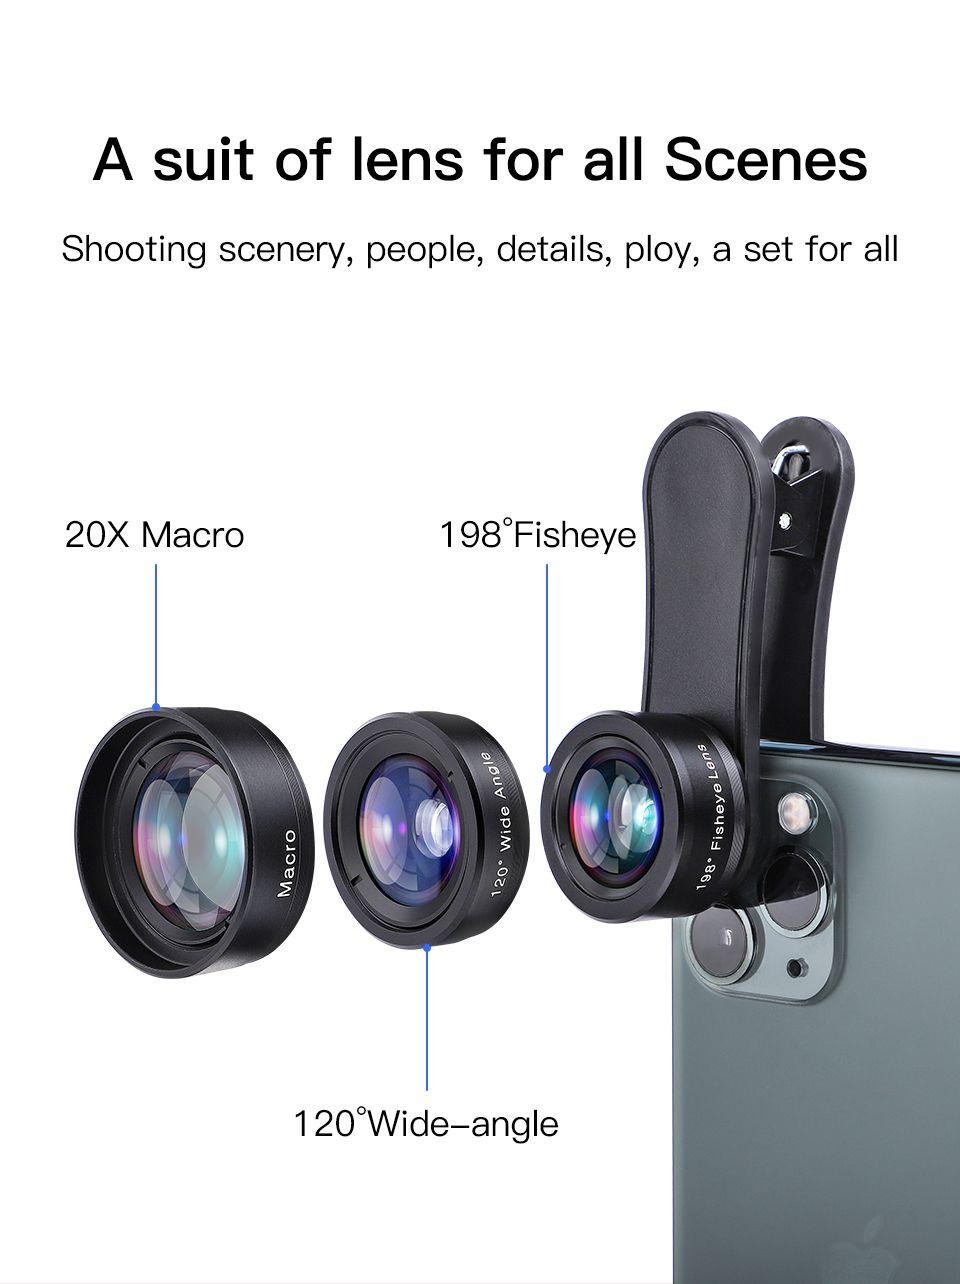 Kuulaa 3in1 4k hd wide angle lens macro fisheye lenses